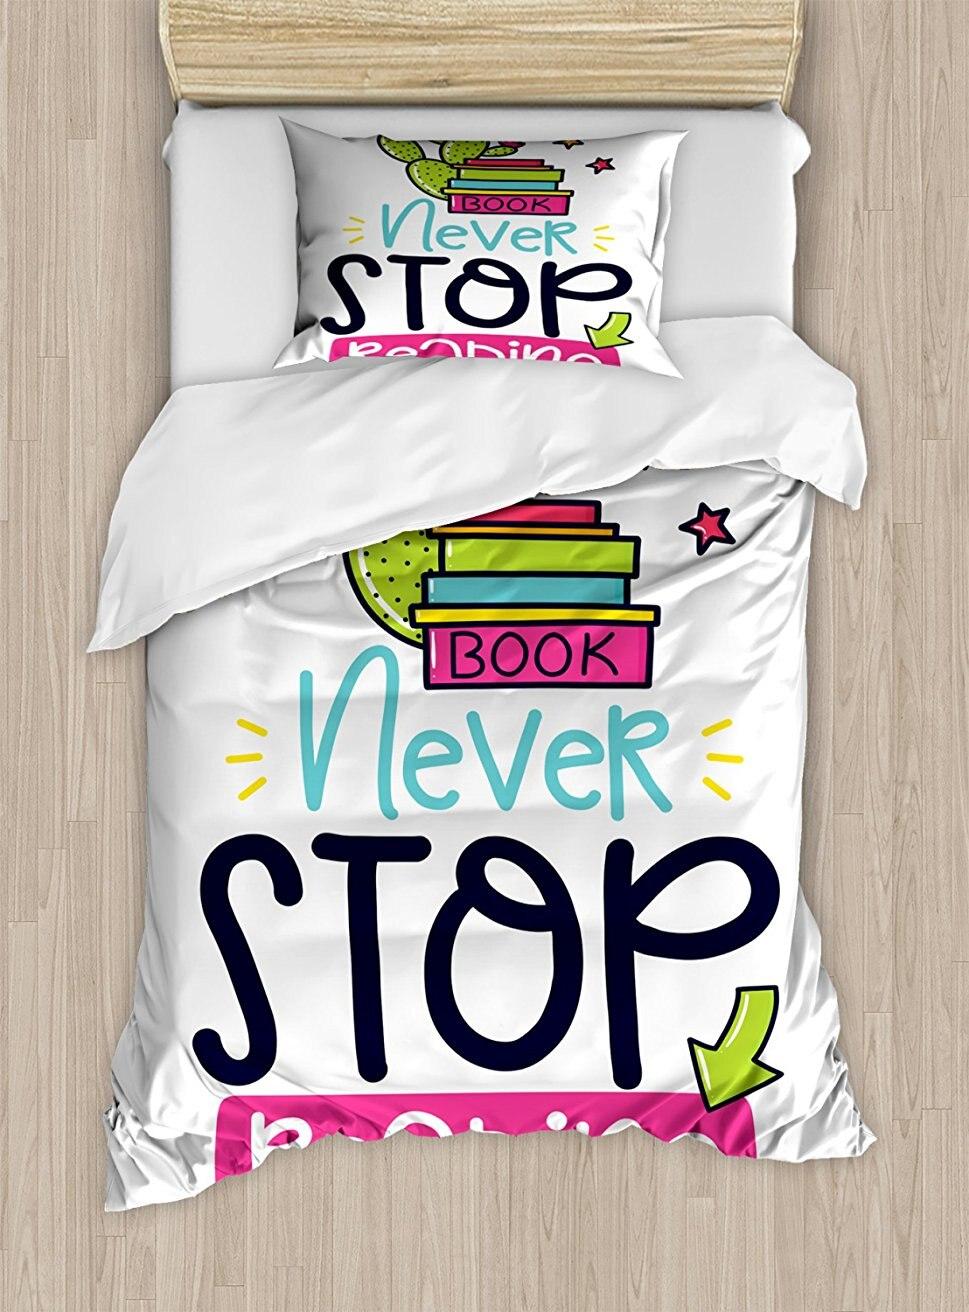 Постельное белье кактус и звезды за книги с вдохновляющие принт никогда не останавливаться чтения 4 шт. Постельное белье